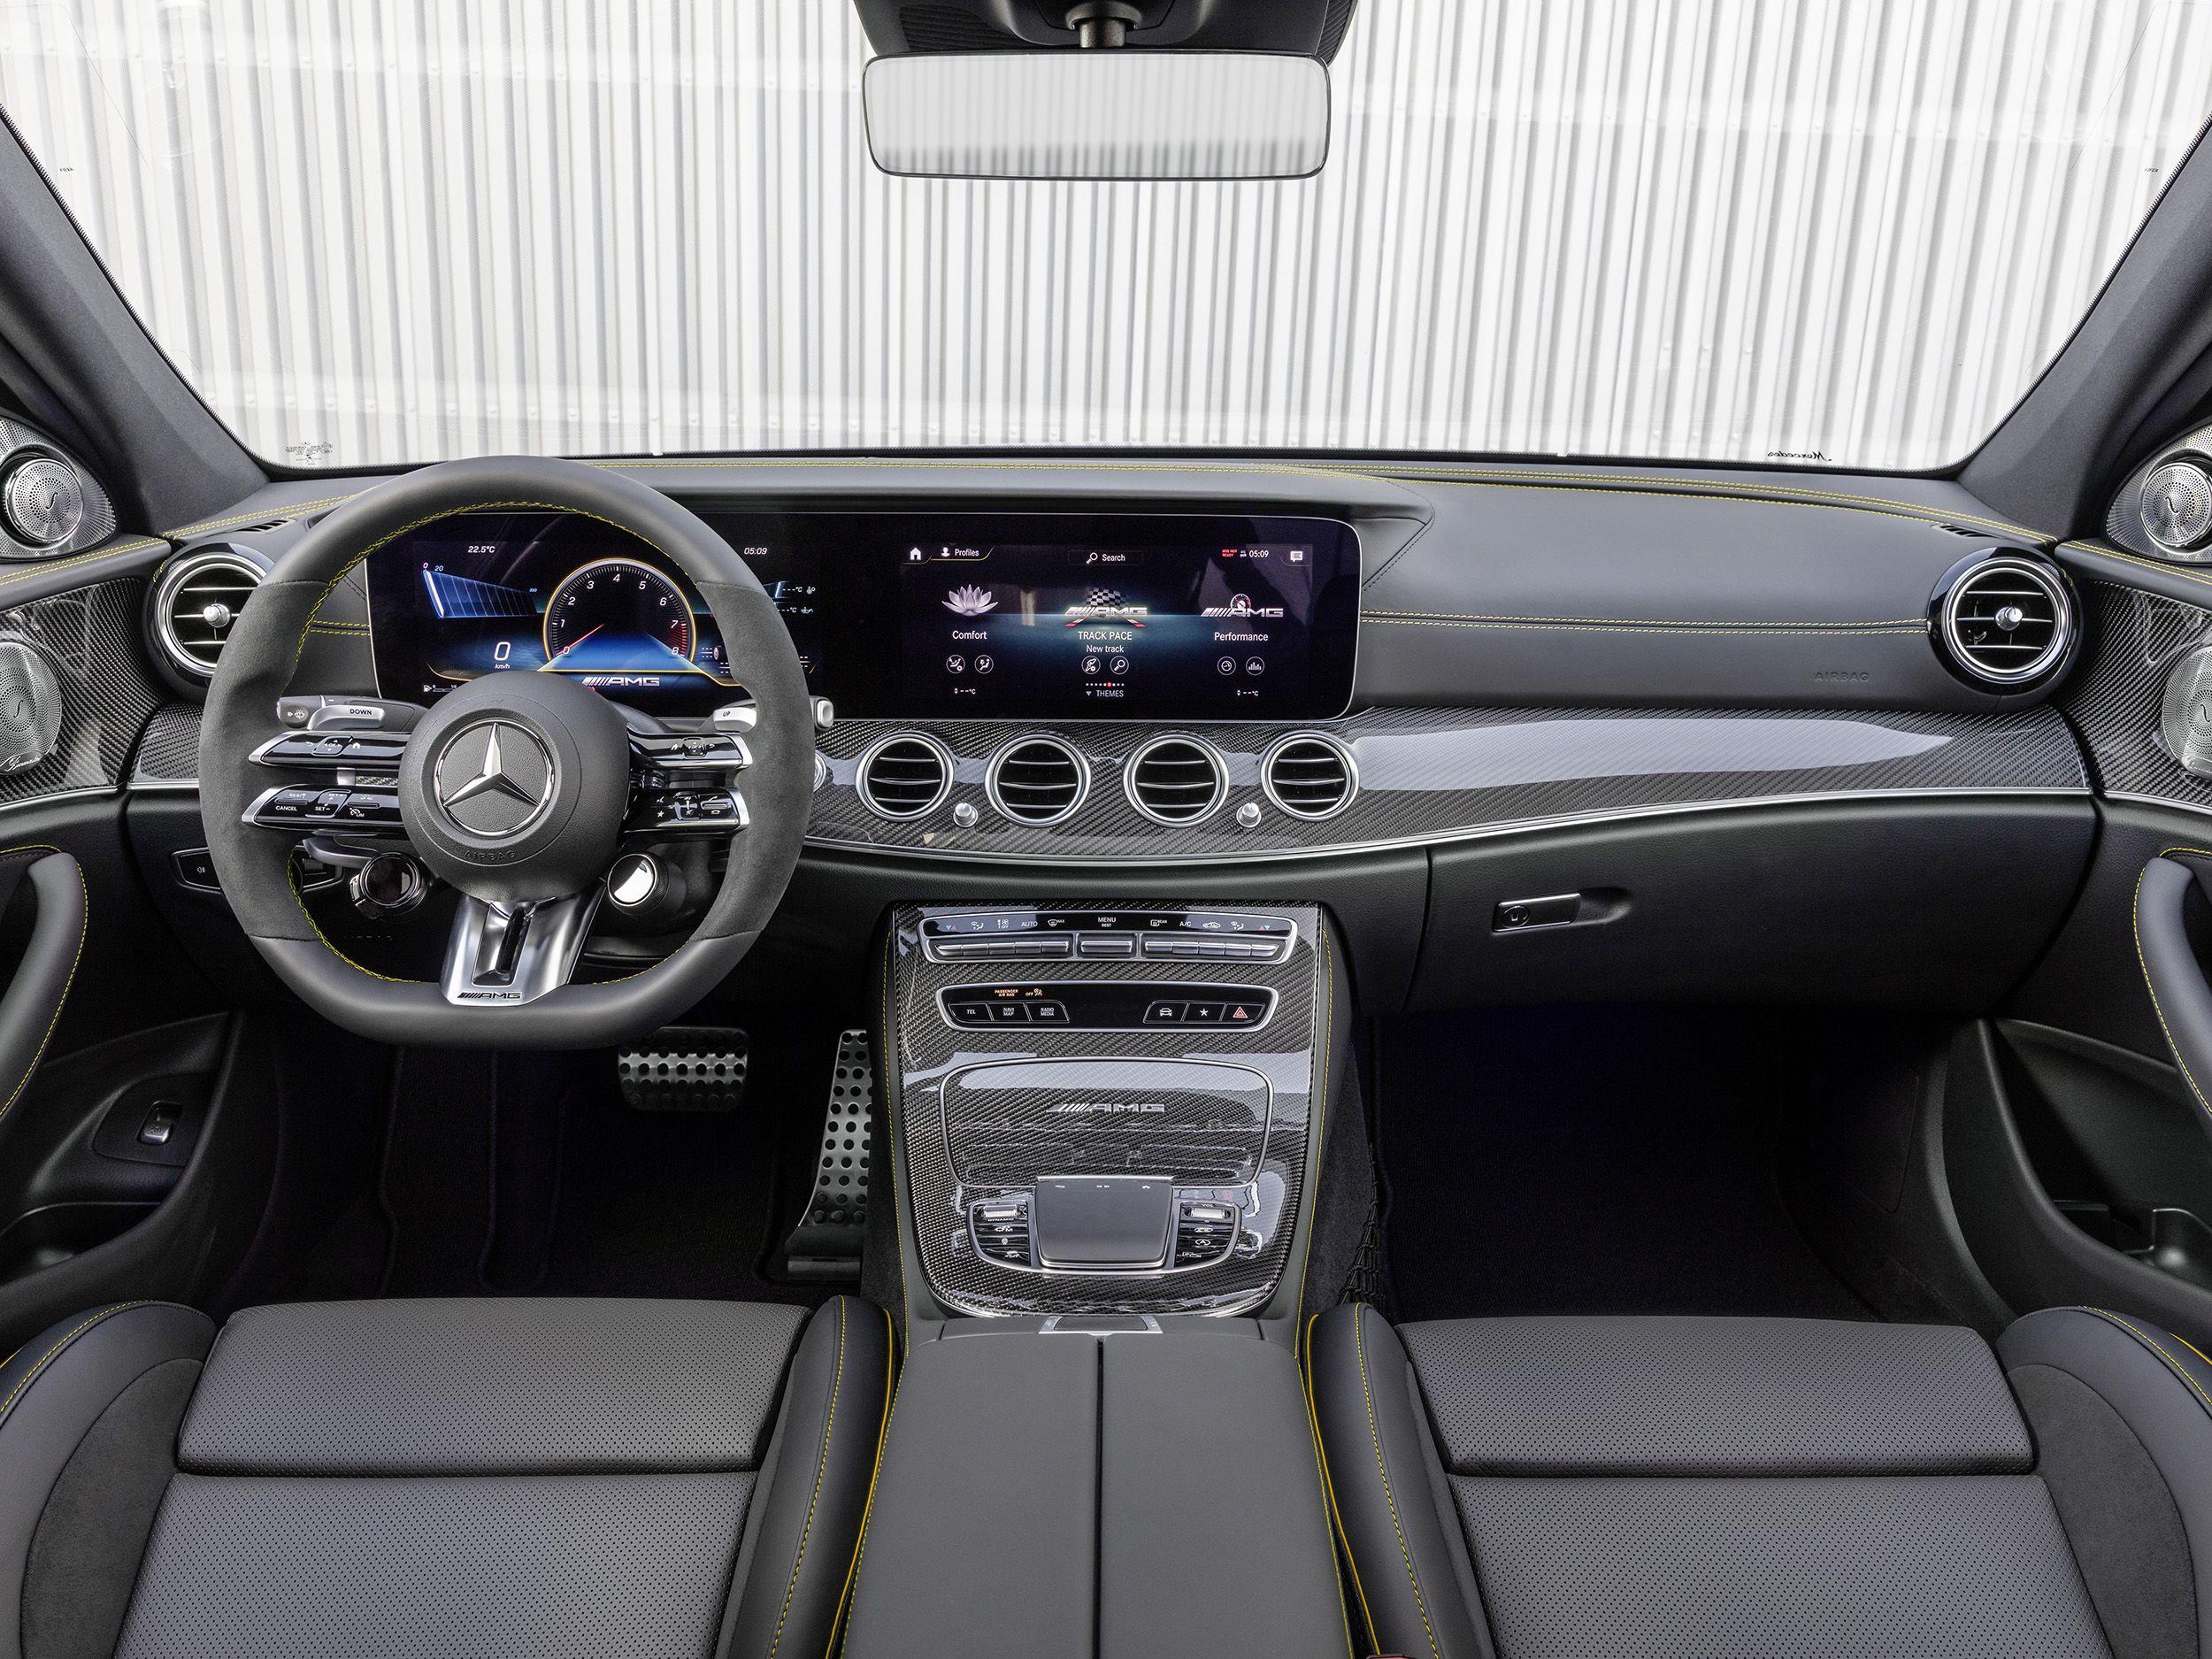 2021 Mercedes Amg E 63 S Interior Wagon Sedan In 2020 Mercedes Amg Mercedes Benz Amg Mercedes